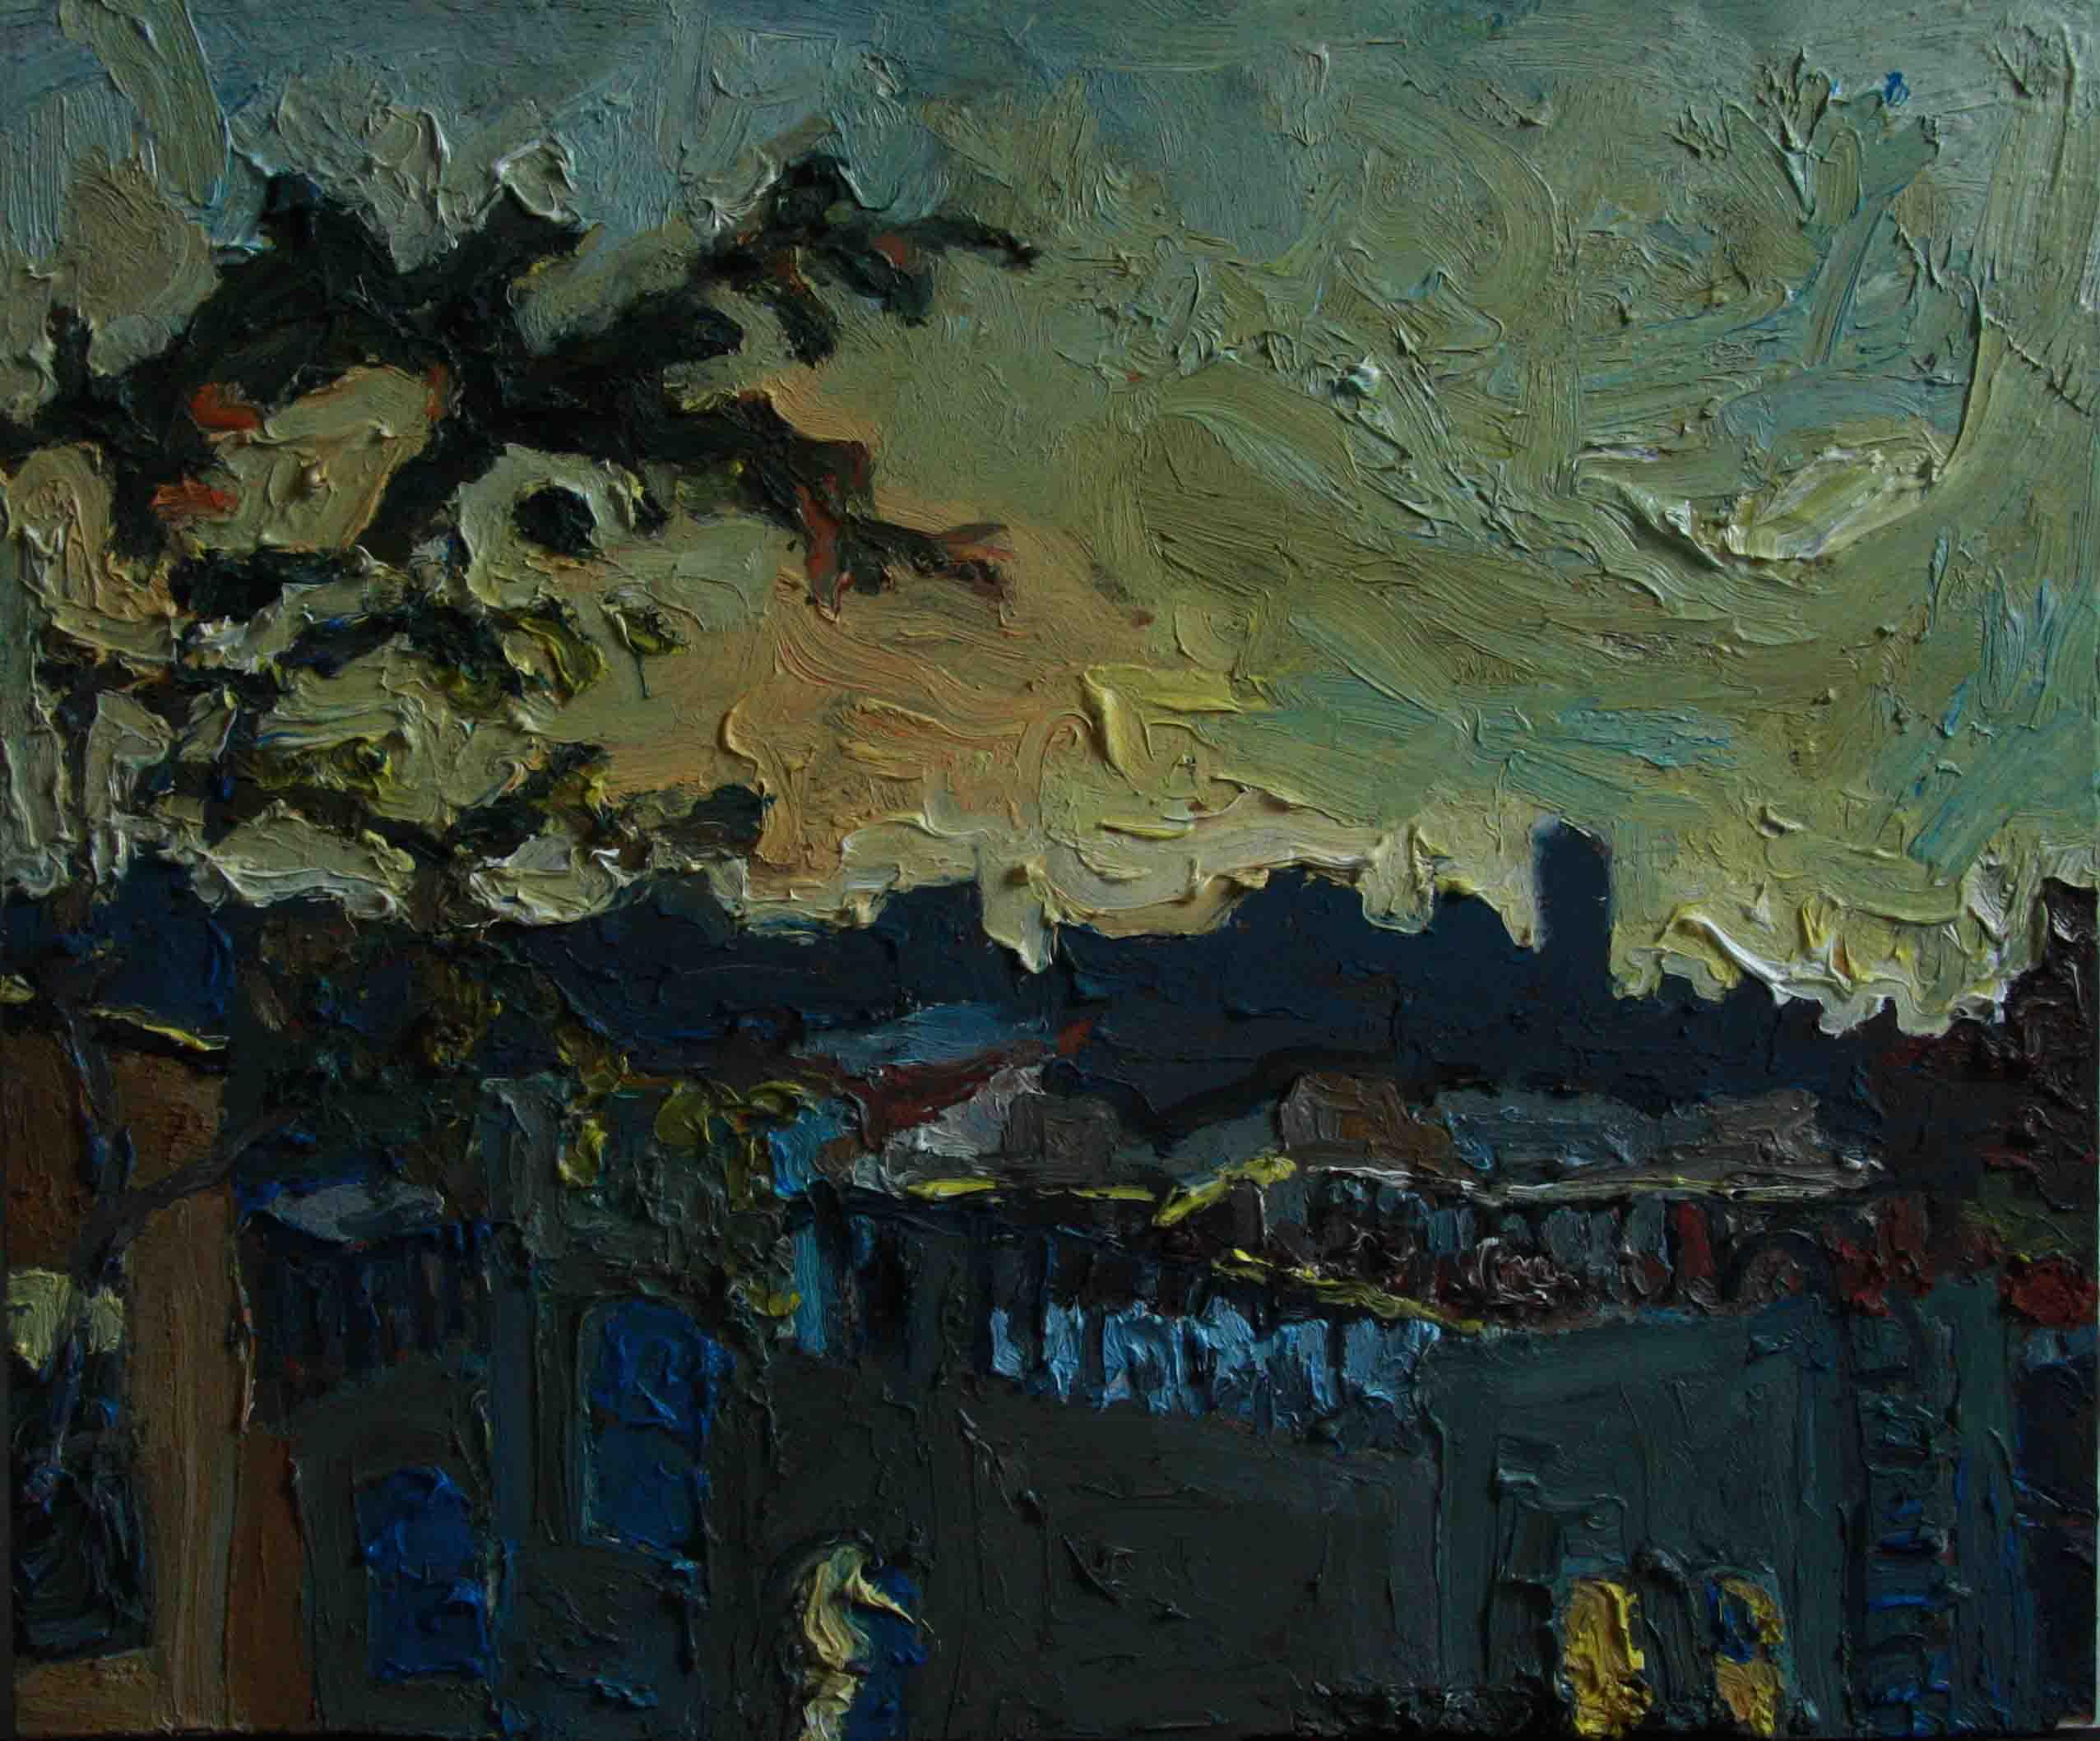 ny-painting-30x40cm_14857413009_o